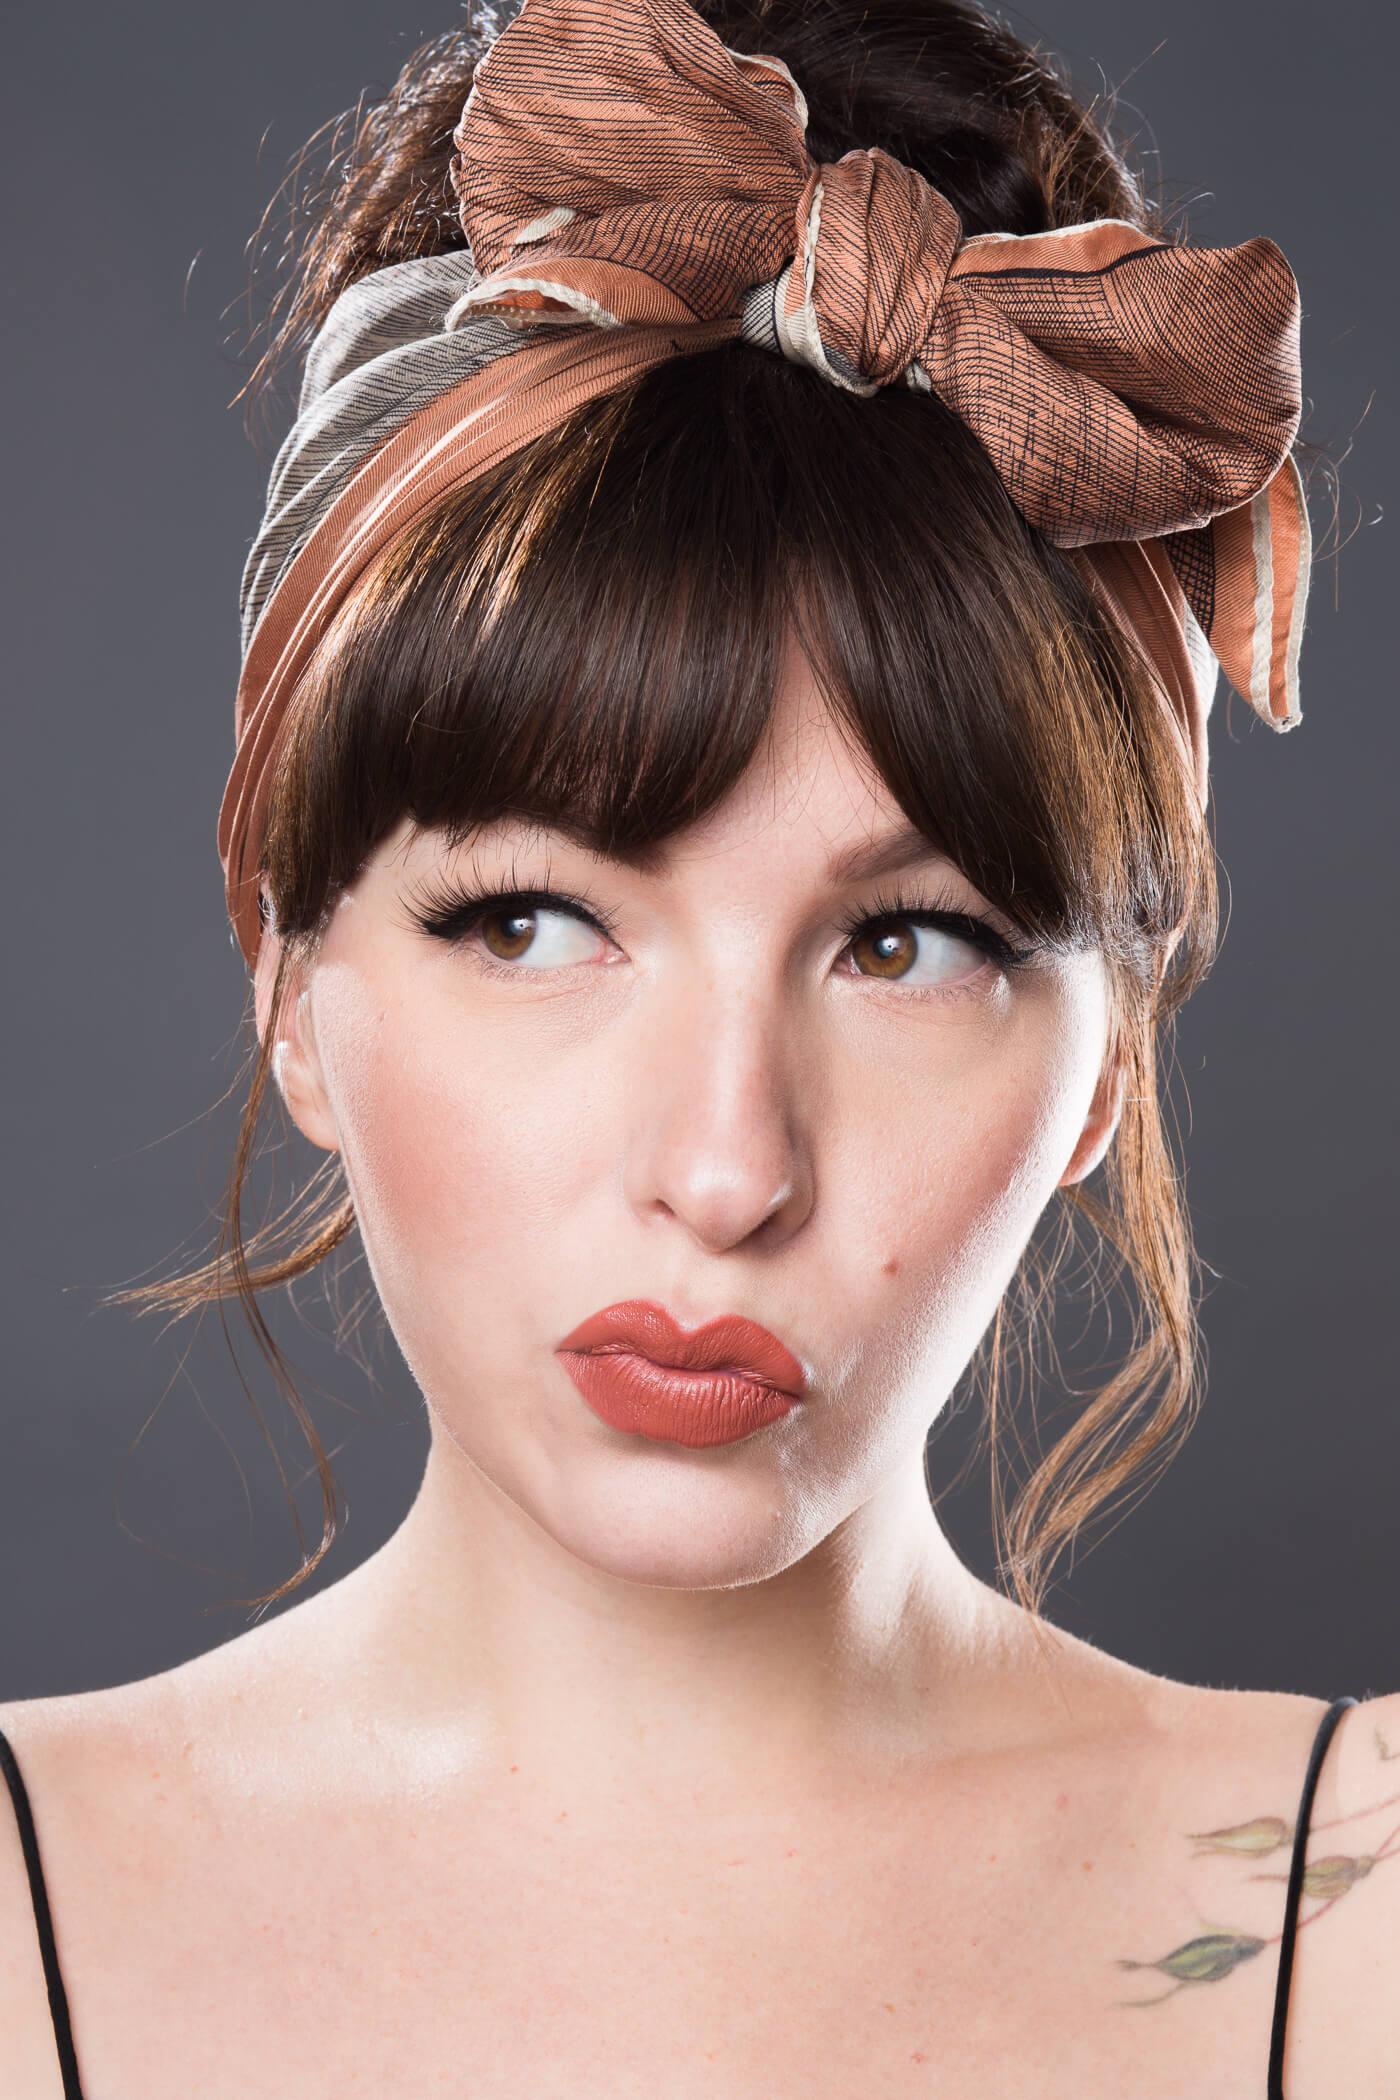 100% pure lipstick swatches Cocoa Butter Matte Lipstick in Mojave